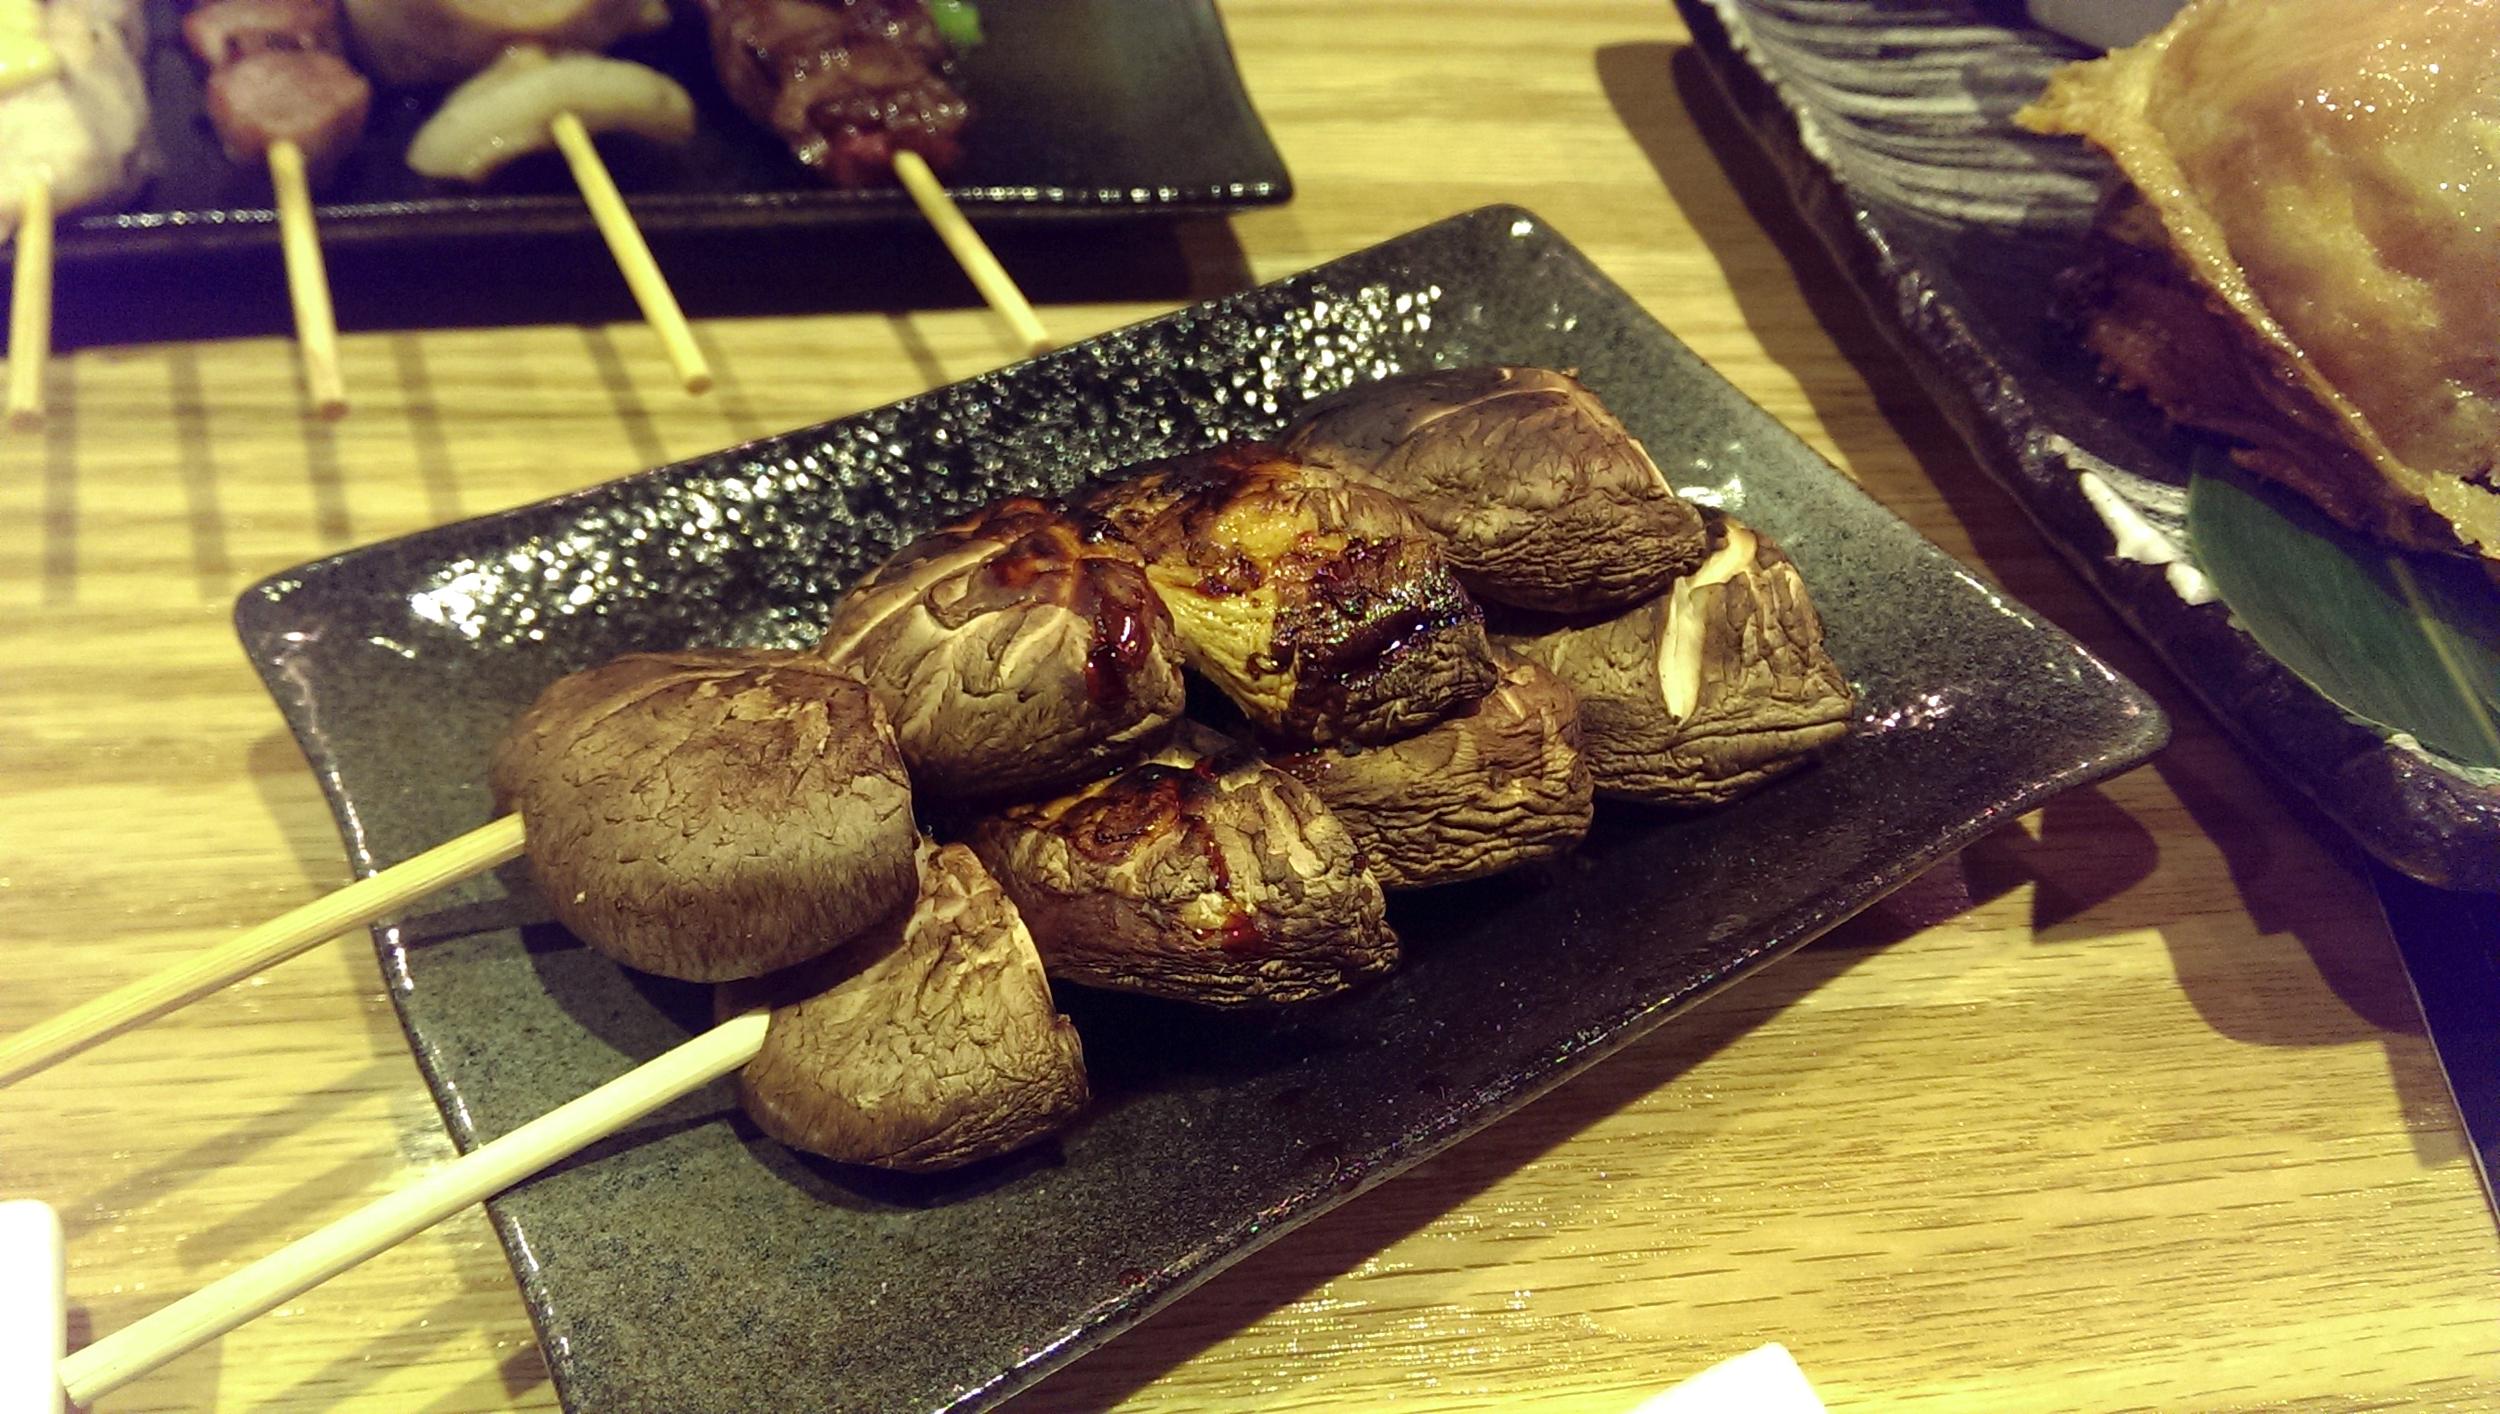 Eringi (king oyster mushroom)